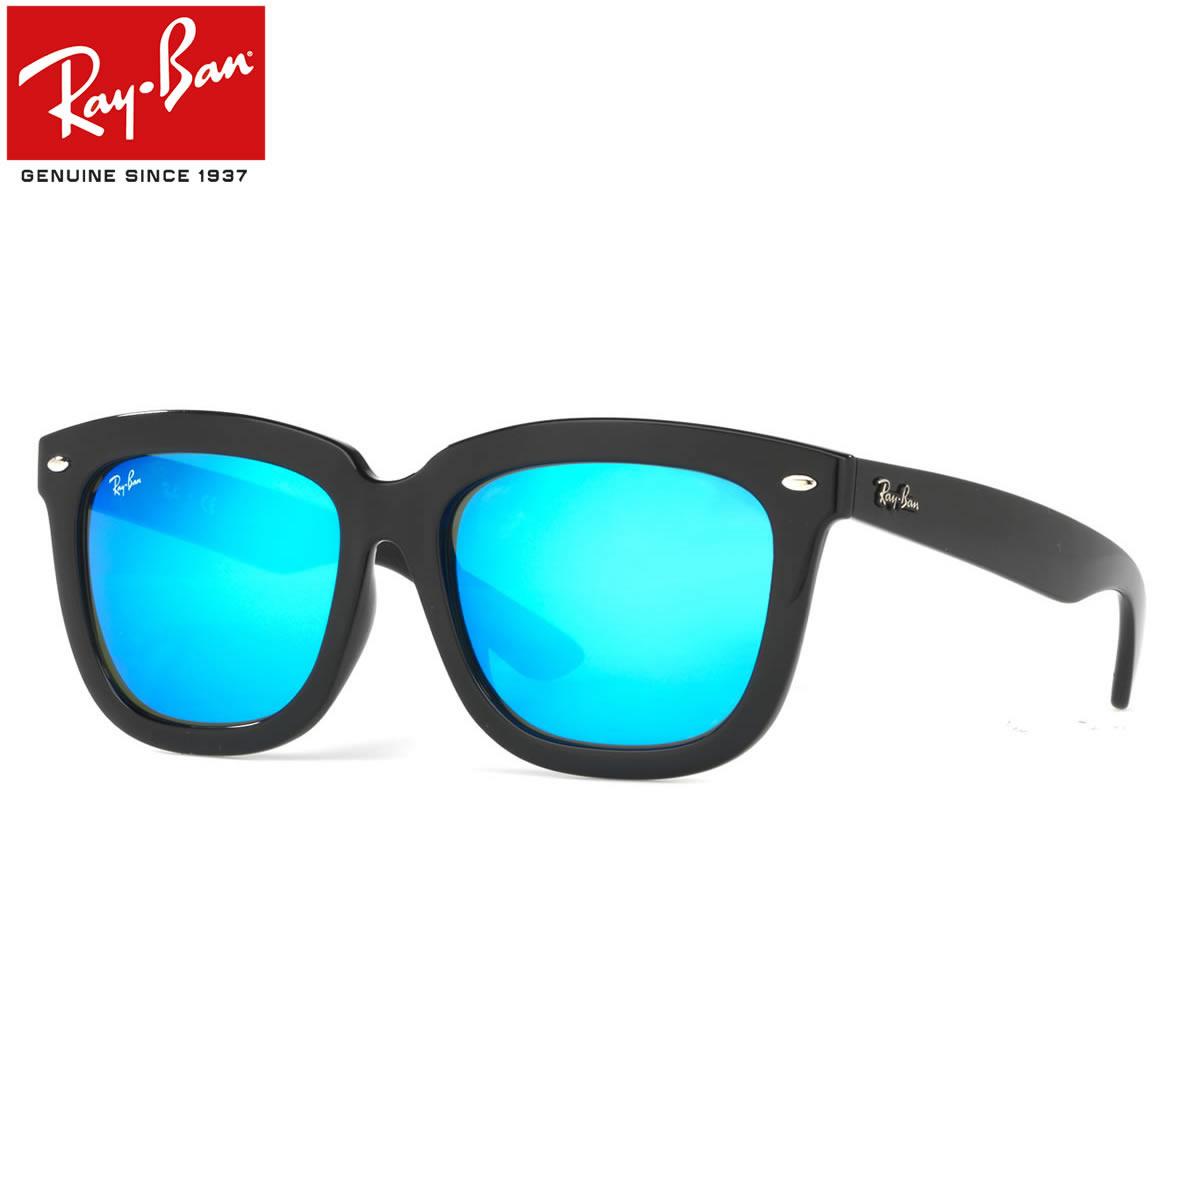 【10月30日からエントリーで全品ポイント20倍】レイバン サングラス ミラー アジアエリア限定 Ray-Ban RB4262D 601/55 57サイズレイバン RAYBAN FLASH LENSES 60155 ミラー ブルーレンズ アジアンフィット メンズ レディース